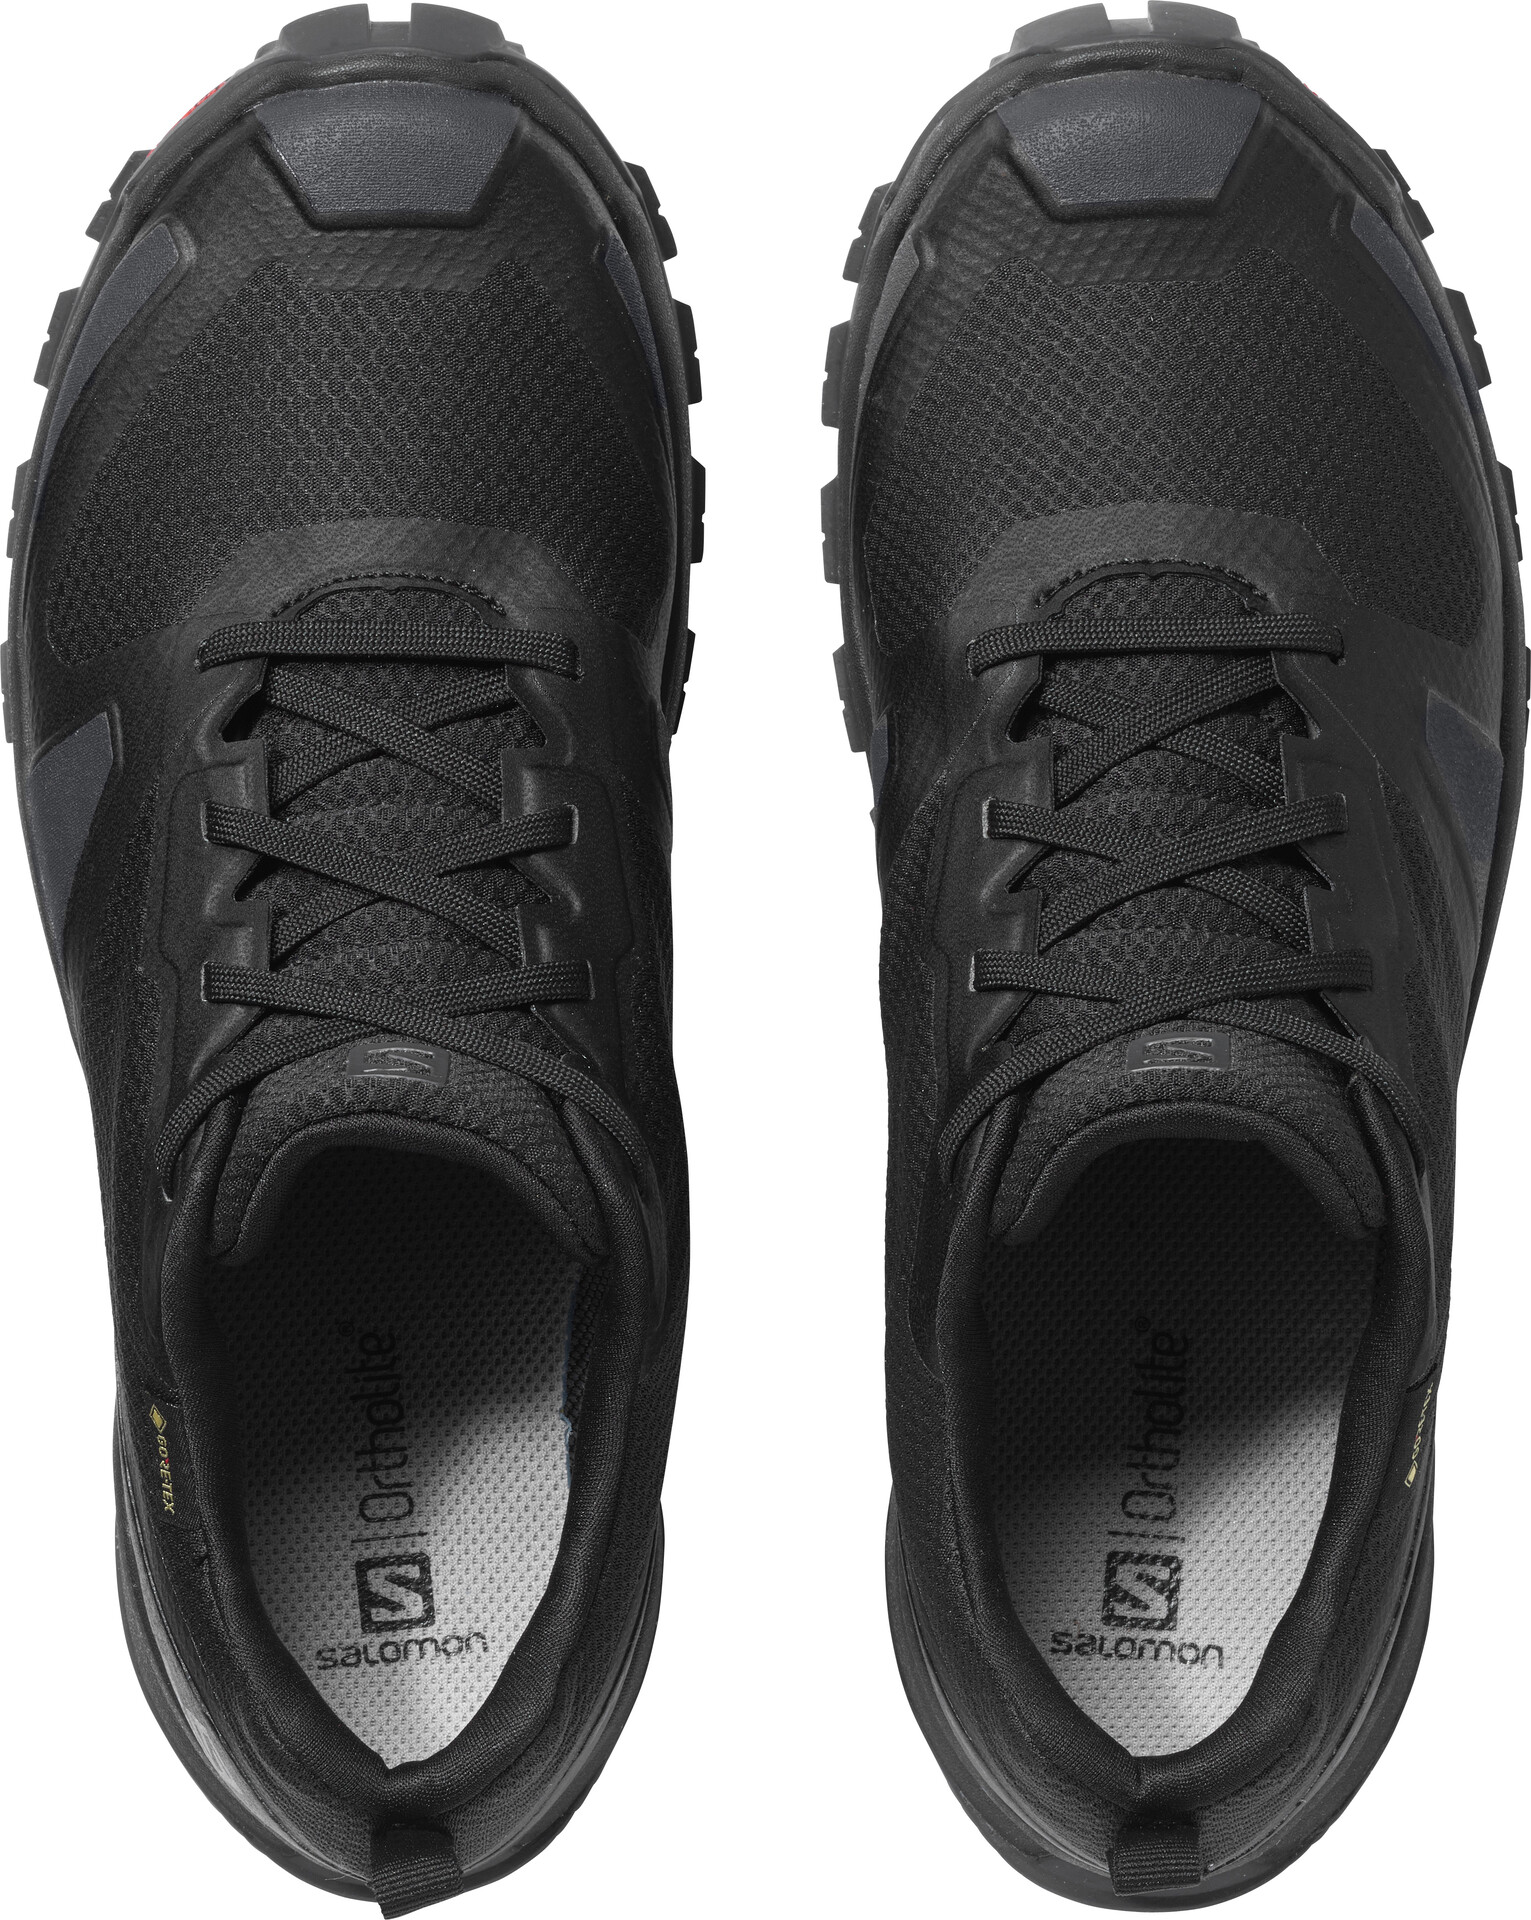 Salomon XA Collider GTX Chaussures Femme, blackebonyblack